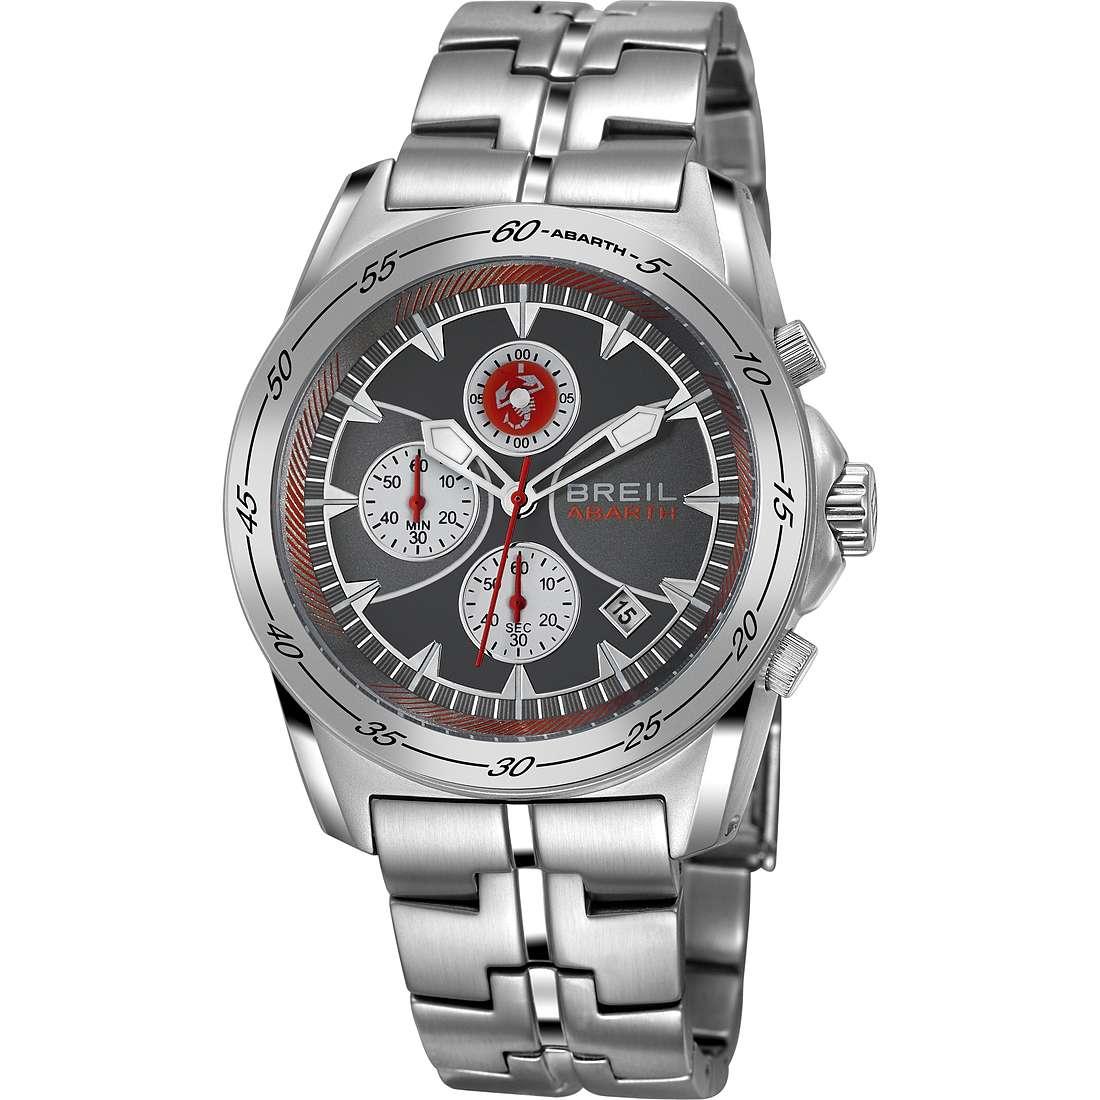 watch chronograph man Breil Abarth TW1247